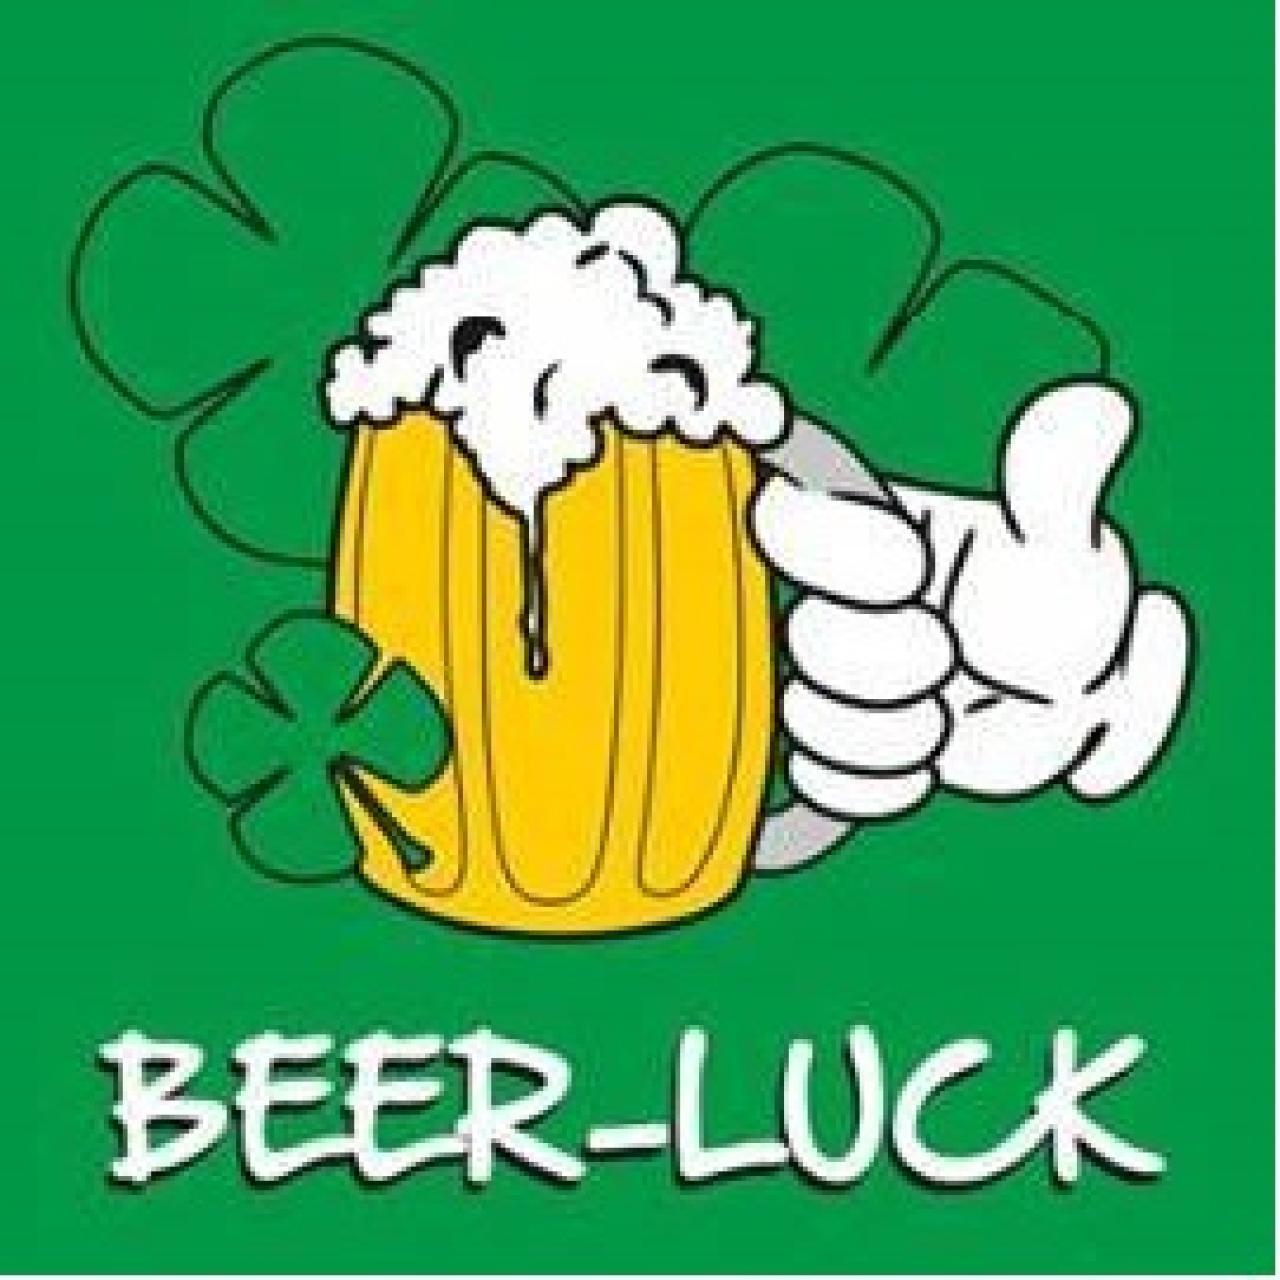 Beer-Luck